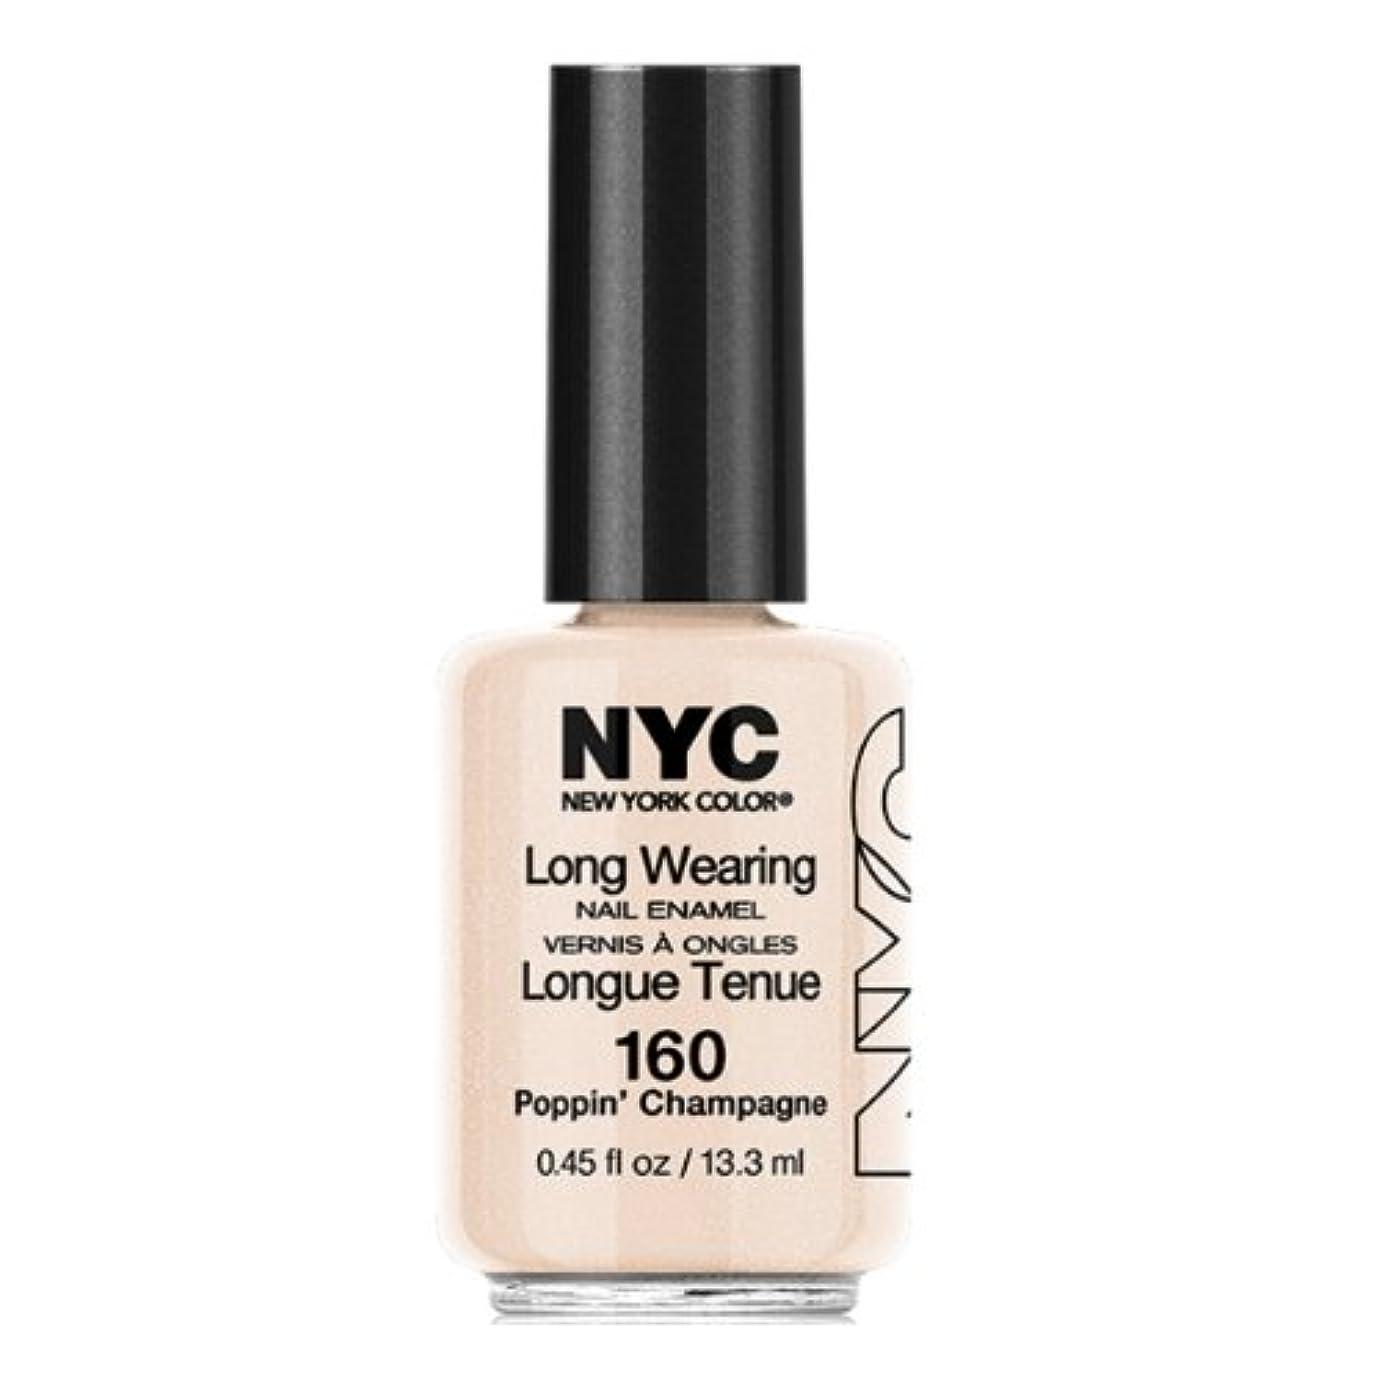 素晴らしき癌単位(6 Pack) NYC Long Wearing Nail Enamel - Poppin' Champagne (並行輸入品)